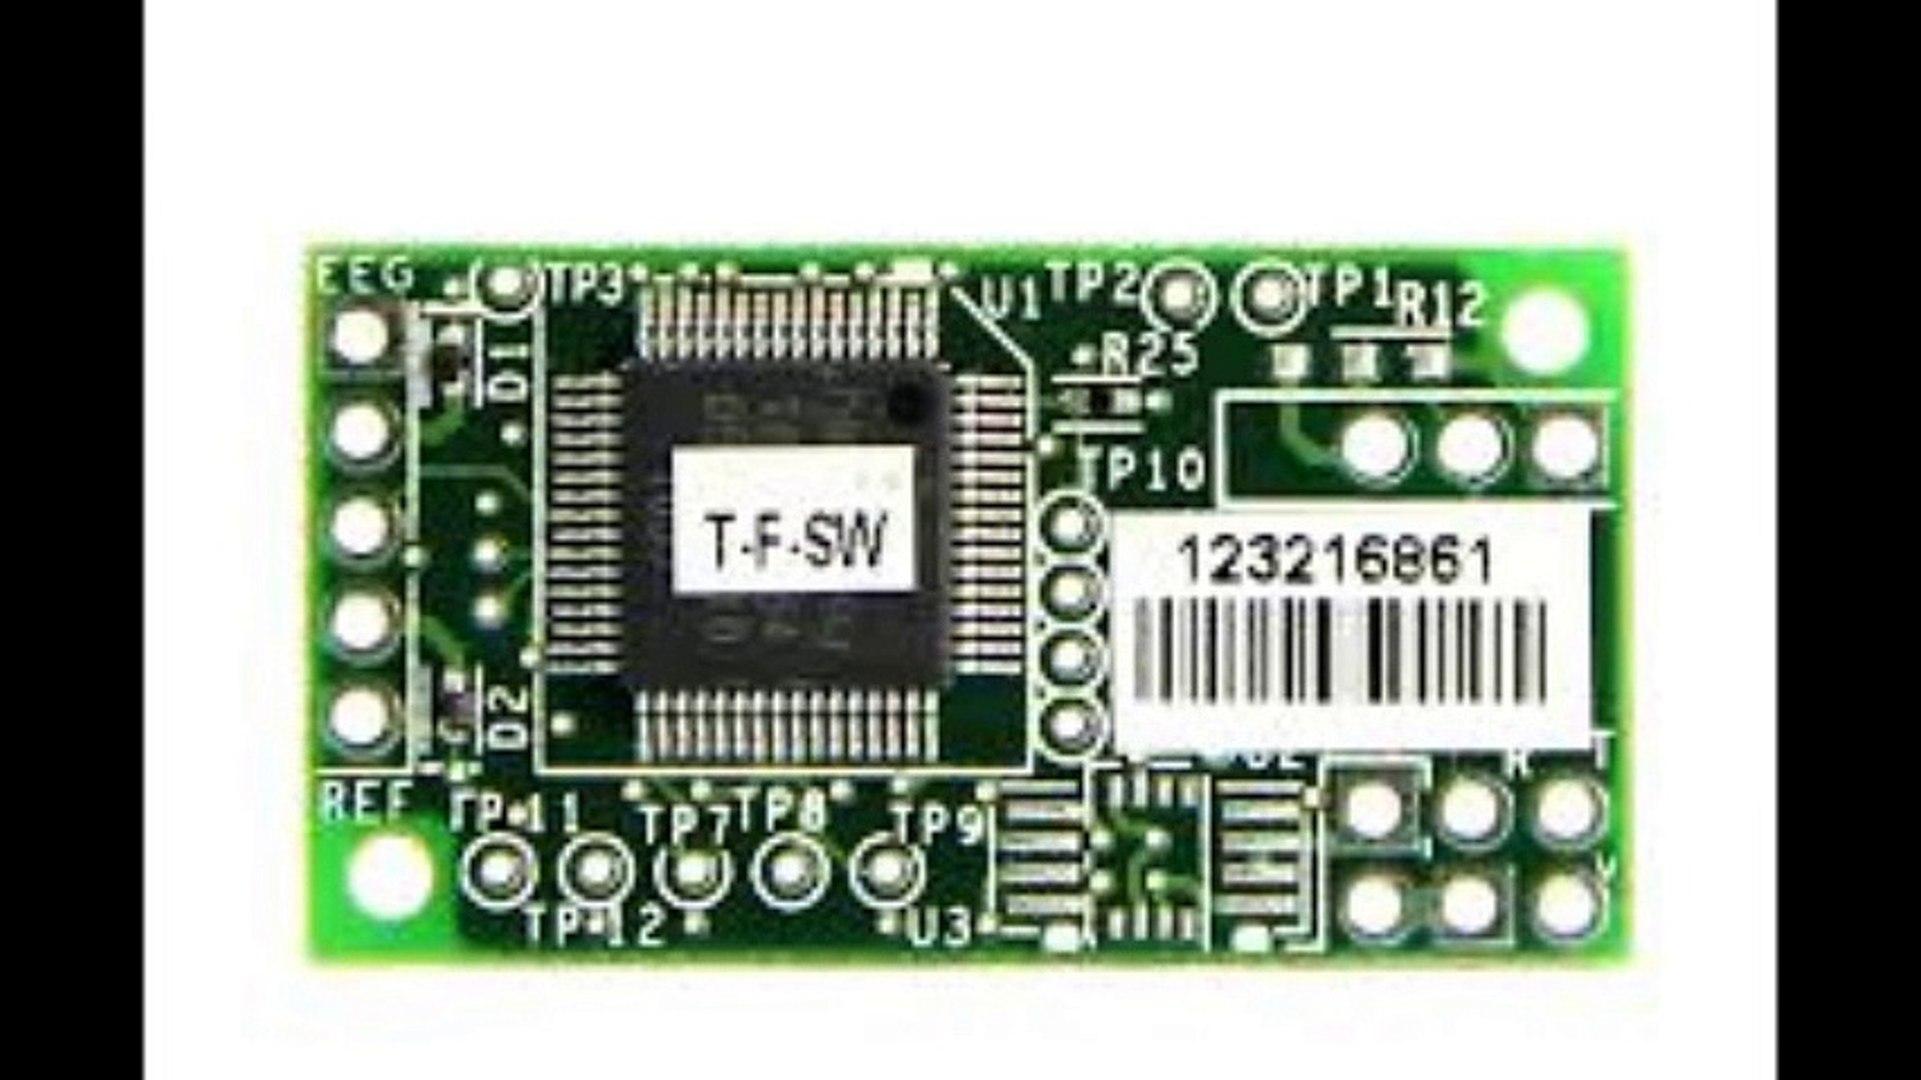 TinKGear Technology